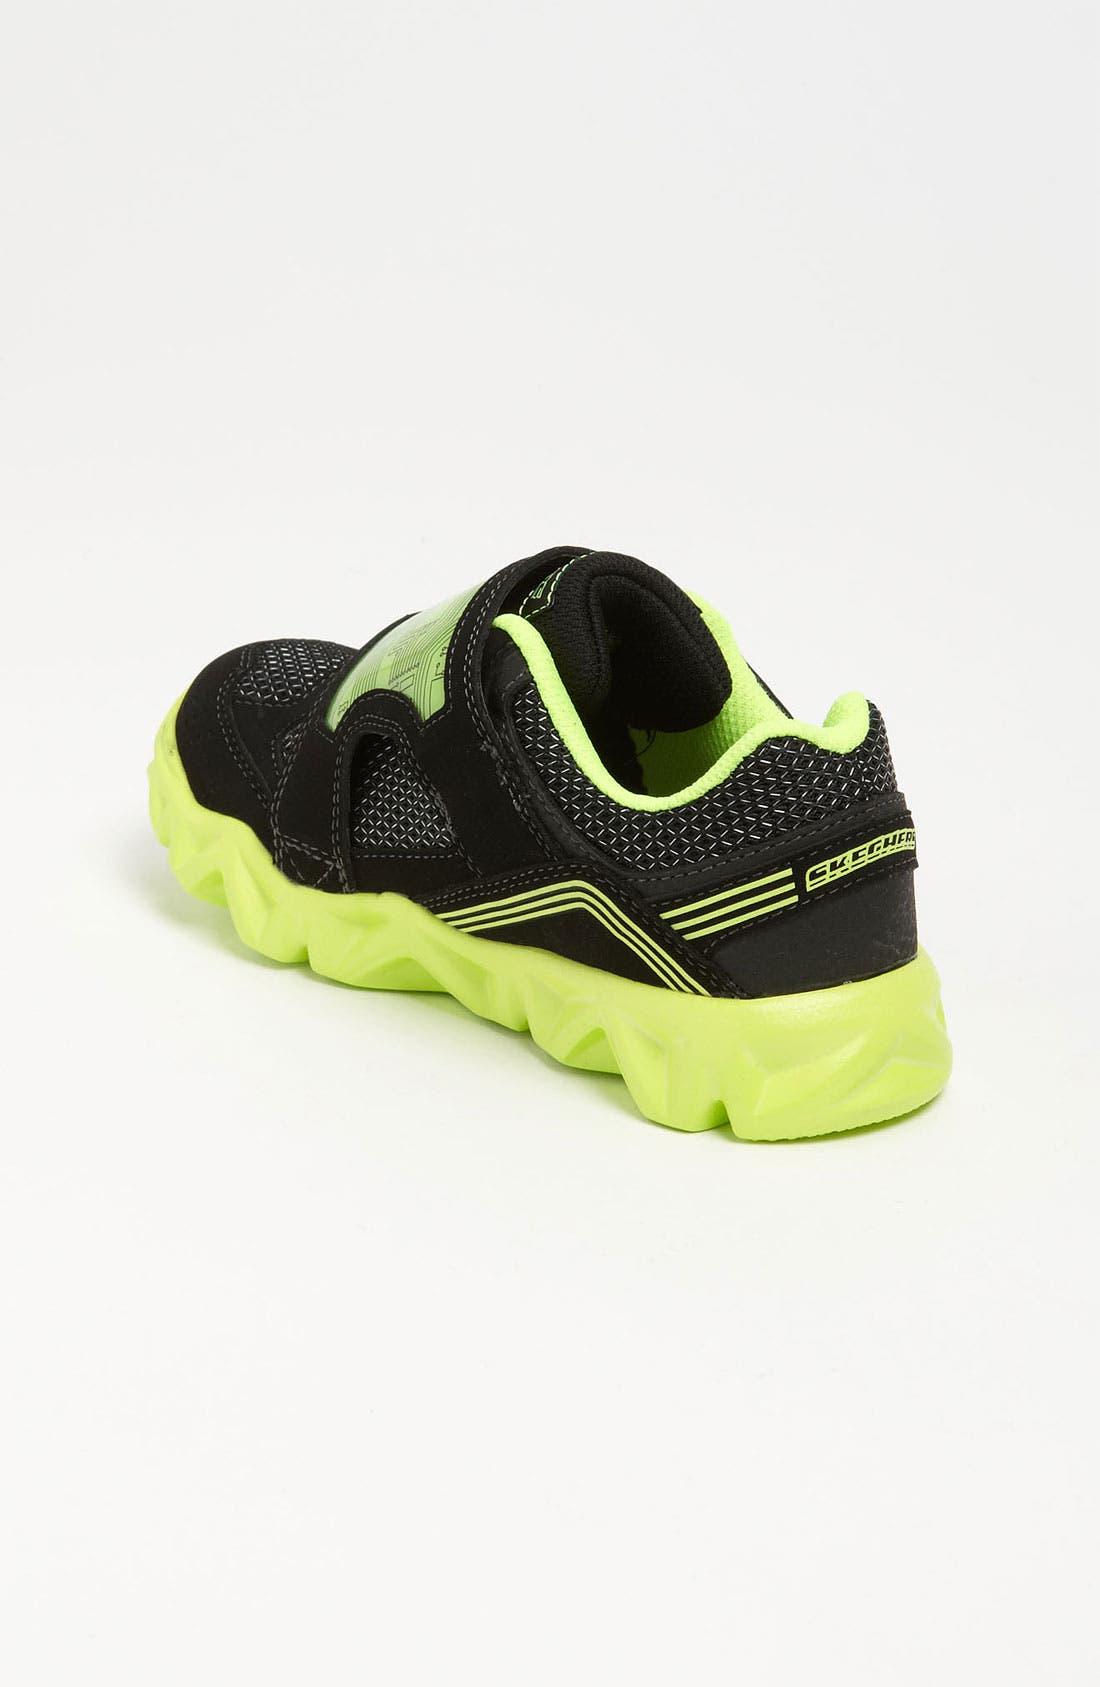 Alternate Image 2  - SKECHERS 'S Lights - Datarox' Light-Up Sneaker (Toddler & Little Kid)